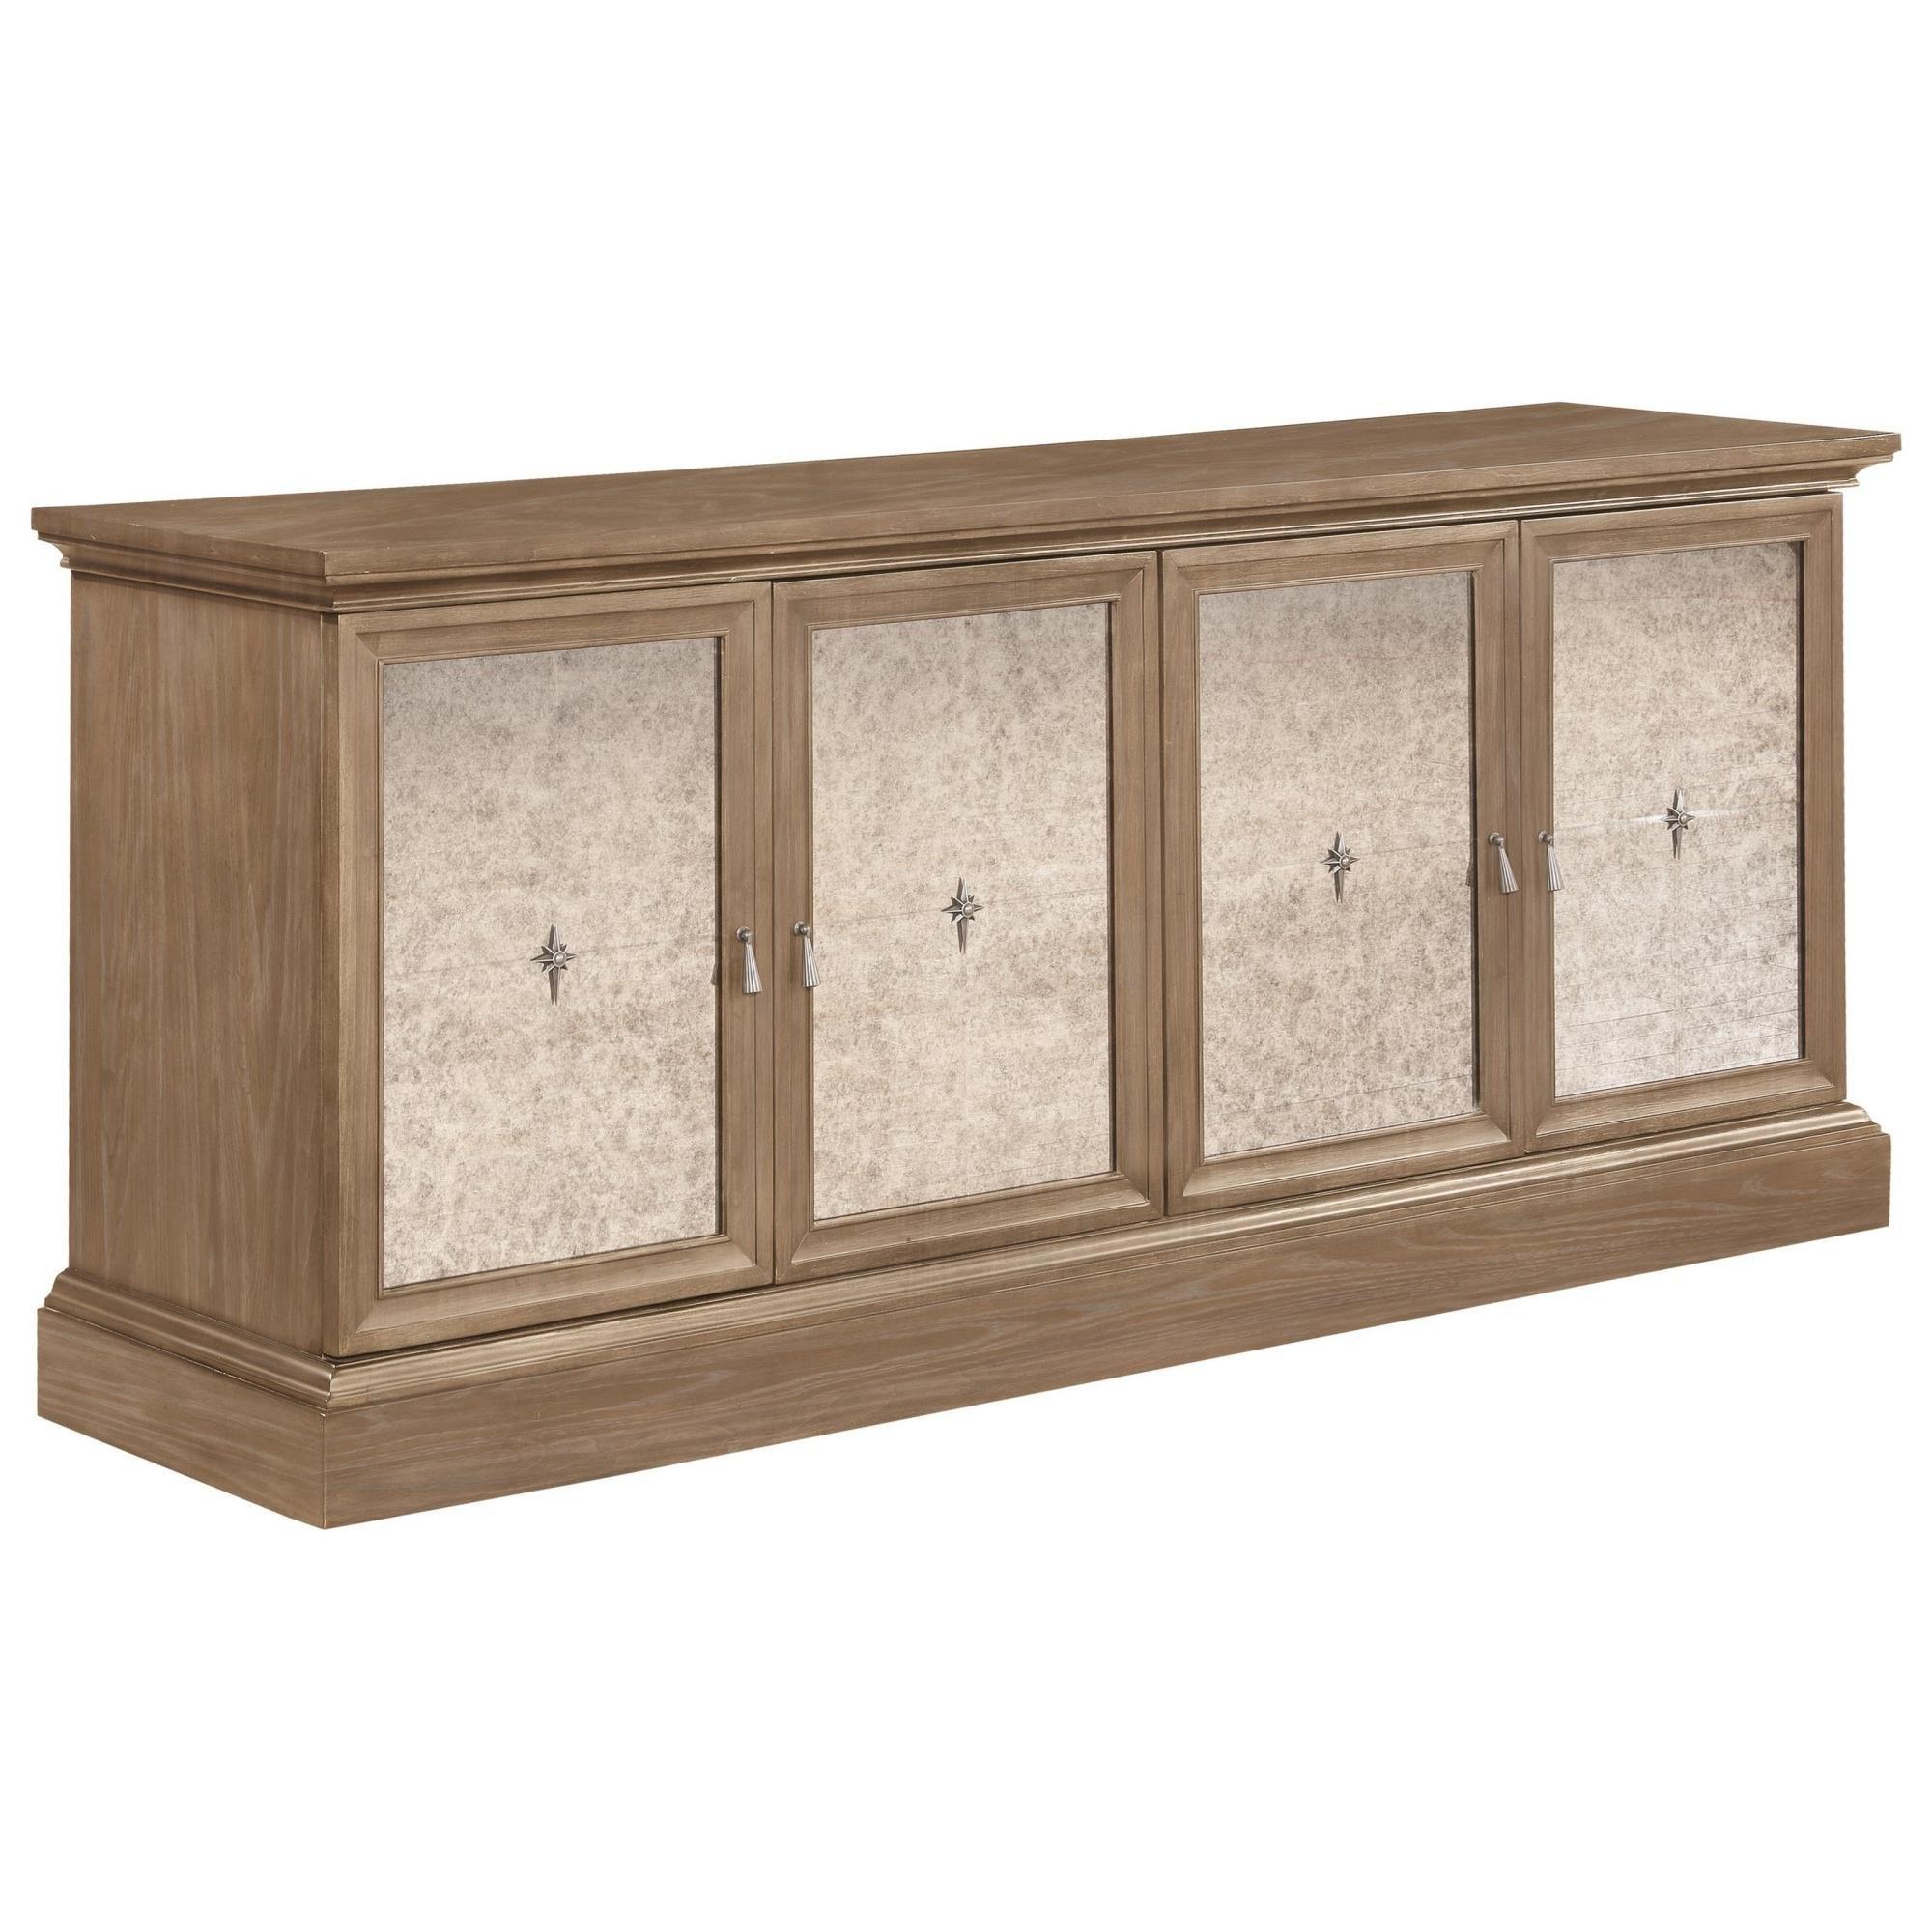 August Grove Volkmar Wooden Sideboard | Wayfair inside Lockwood Sideboards (Image 4 of 30)